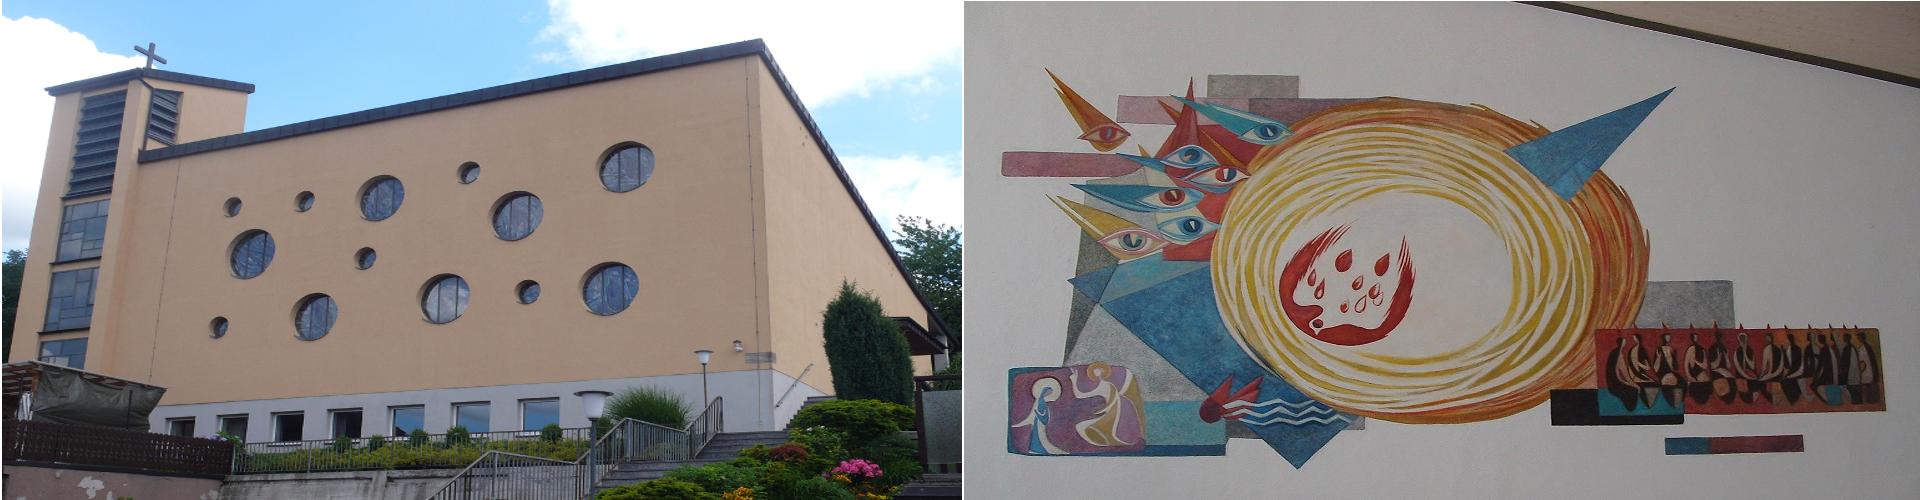 Kirche-Doernsteinbach-Slider